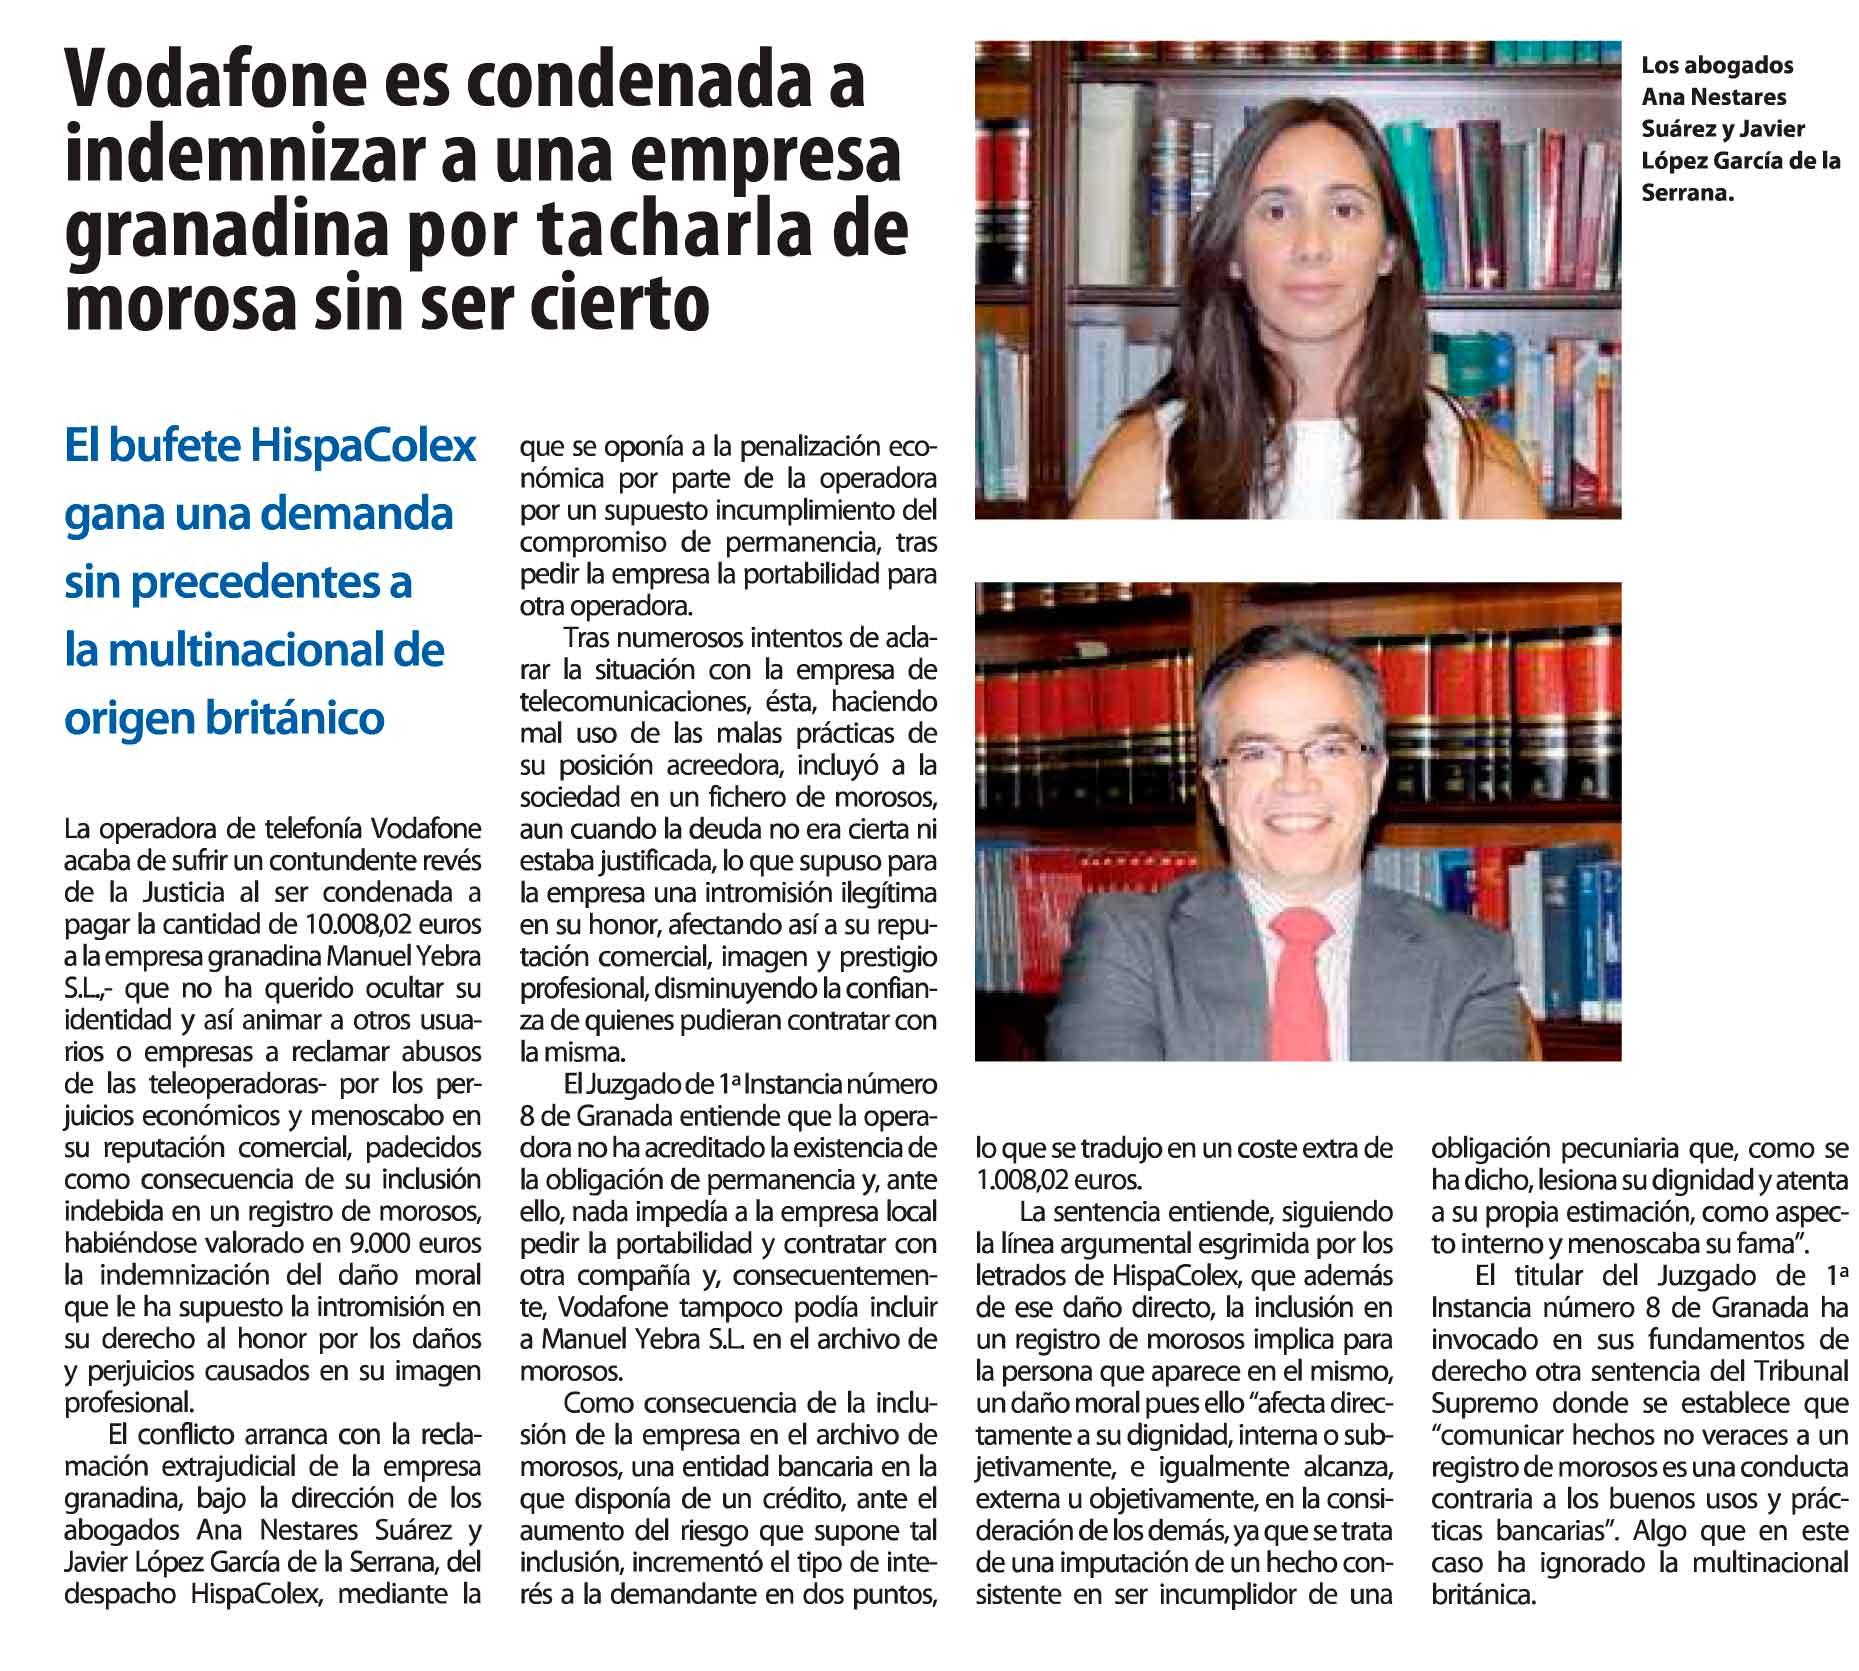 Granada-Economica-Vodafone-es-condenada-a-indemniza-a-una-empresa-granadina-por-tacharla-de-morosa-son-ser-cierto